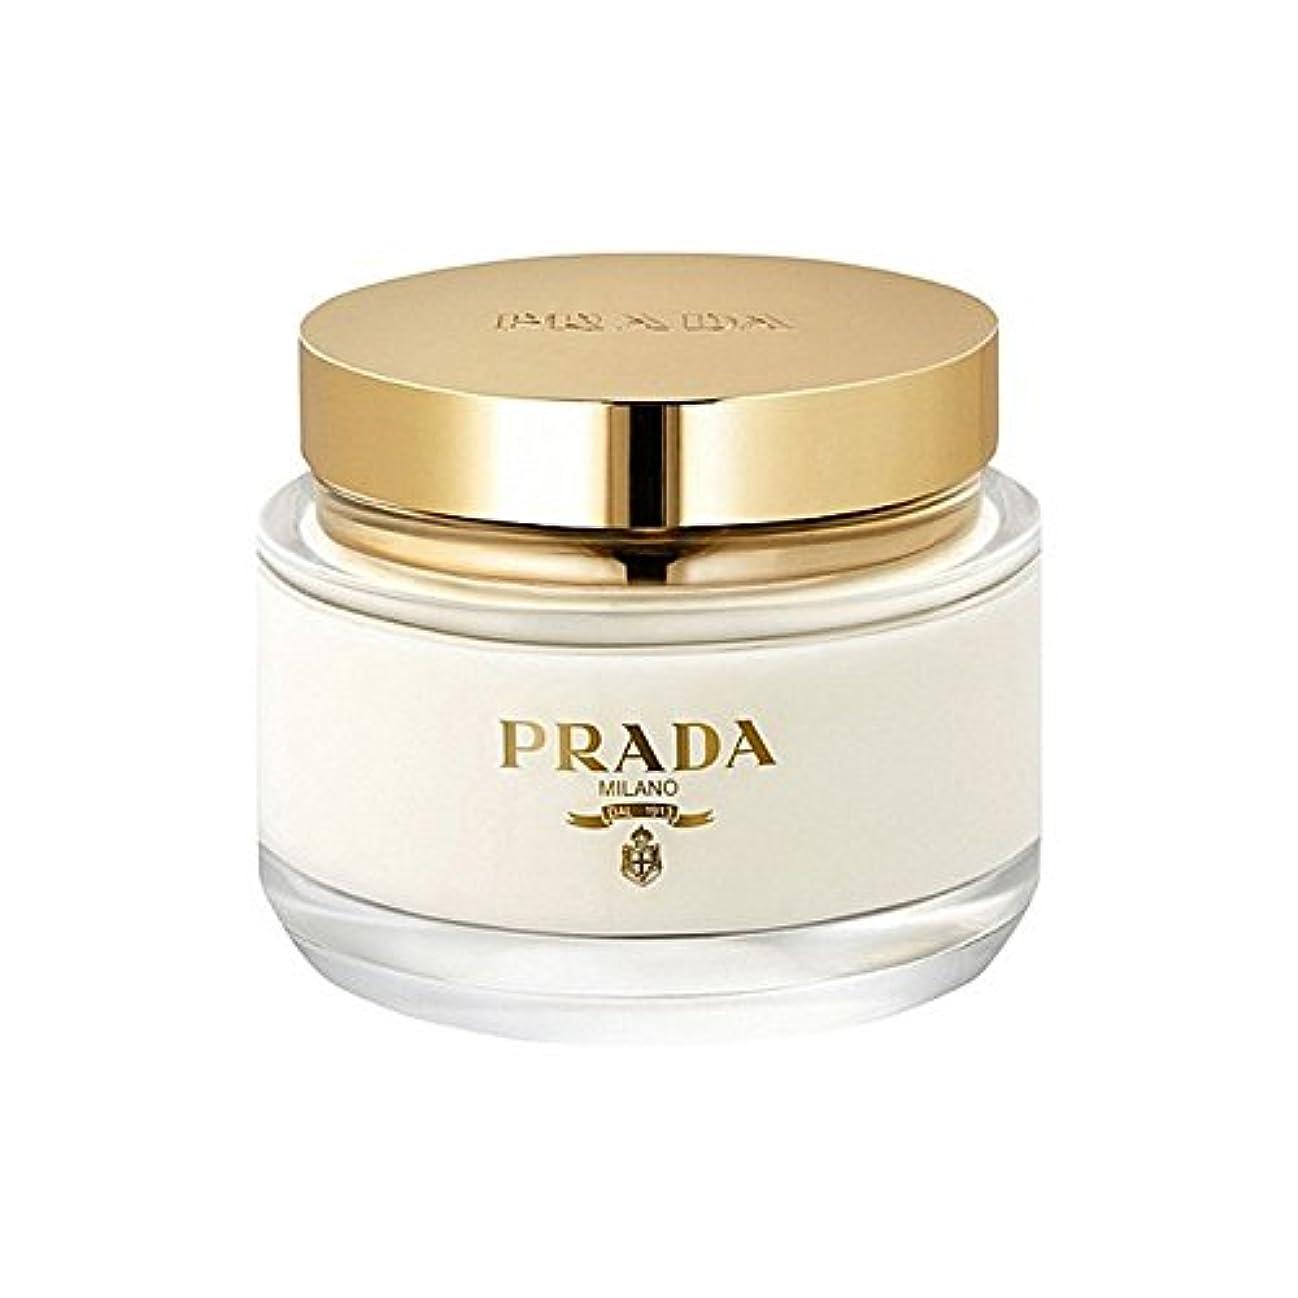 通路祭りエントリプラダラファムボディクリーム200ミリリットル x4 - Prada La Femme Body Cream 200ml (Pack of 4) [並行輸入品]